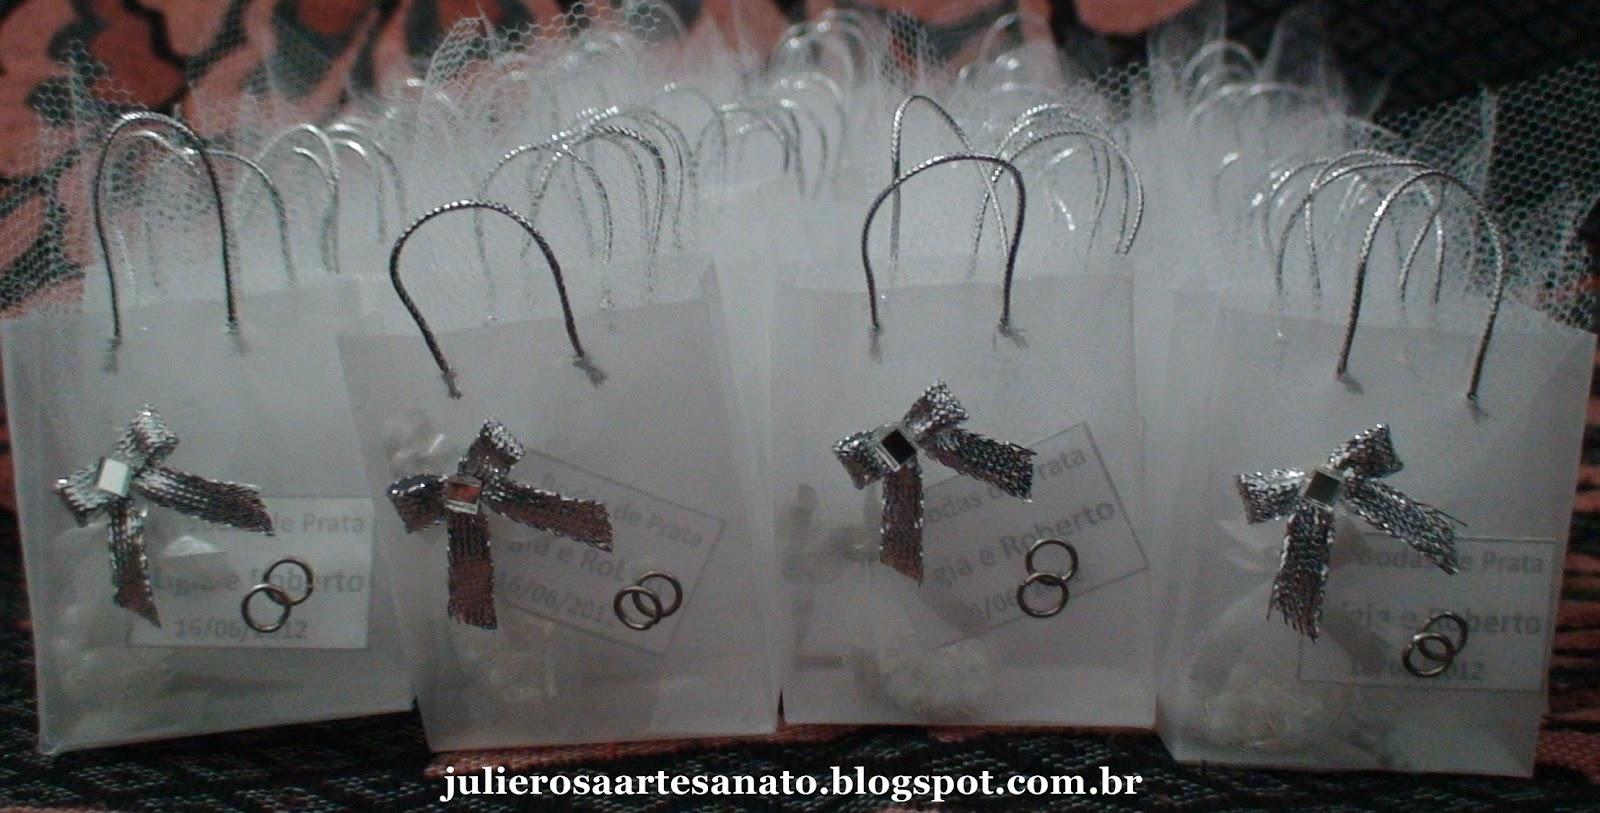 http://3.bp.blogspot.com/-E3JDc9lks48/T-Nfot1B2-I/AAAAAAAACyk/gztnd1RhtB4/s1600/DSC07942.JPG